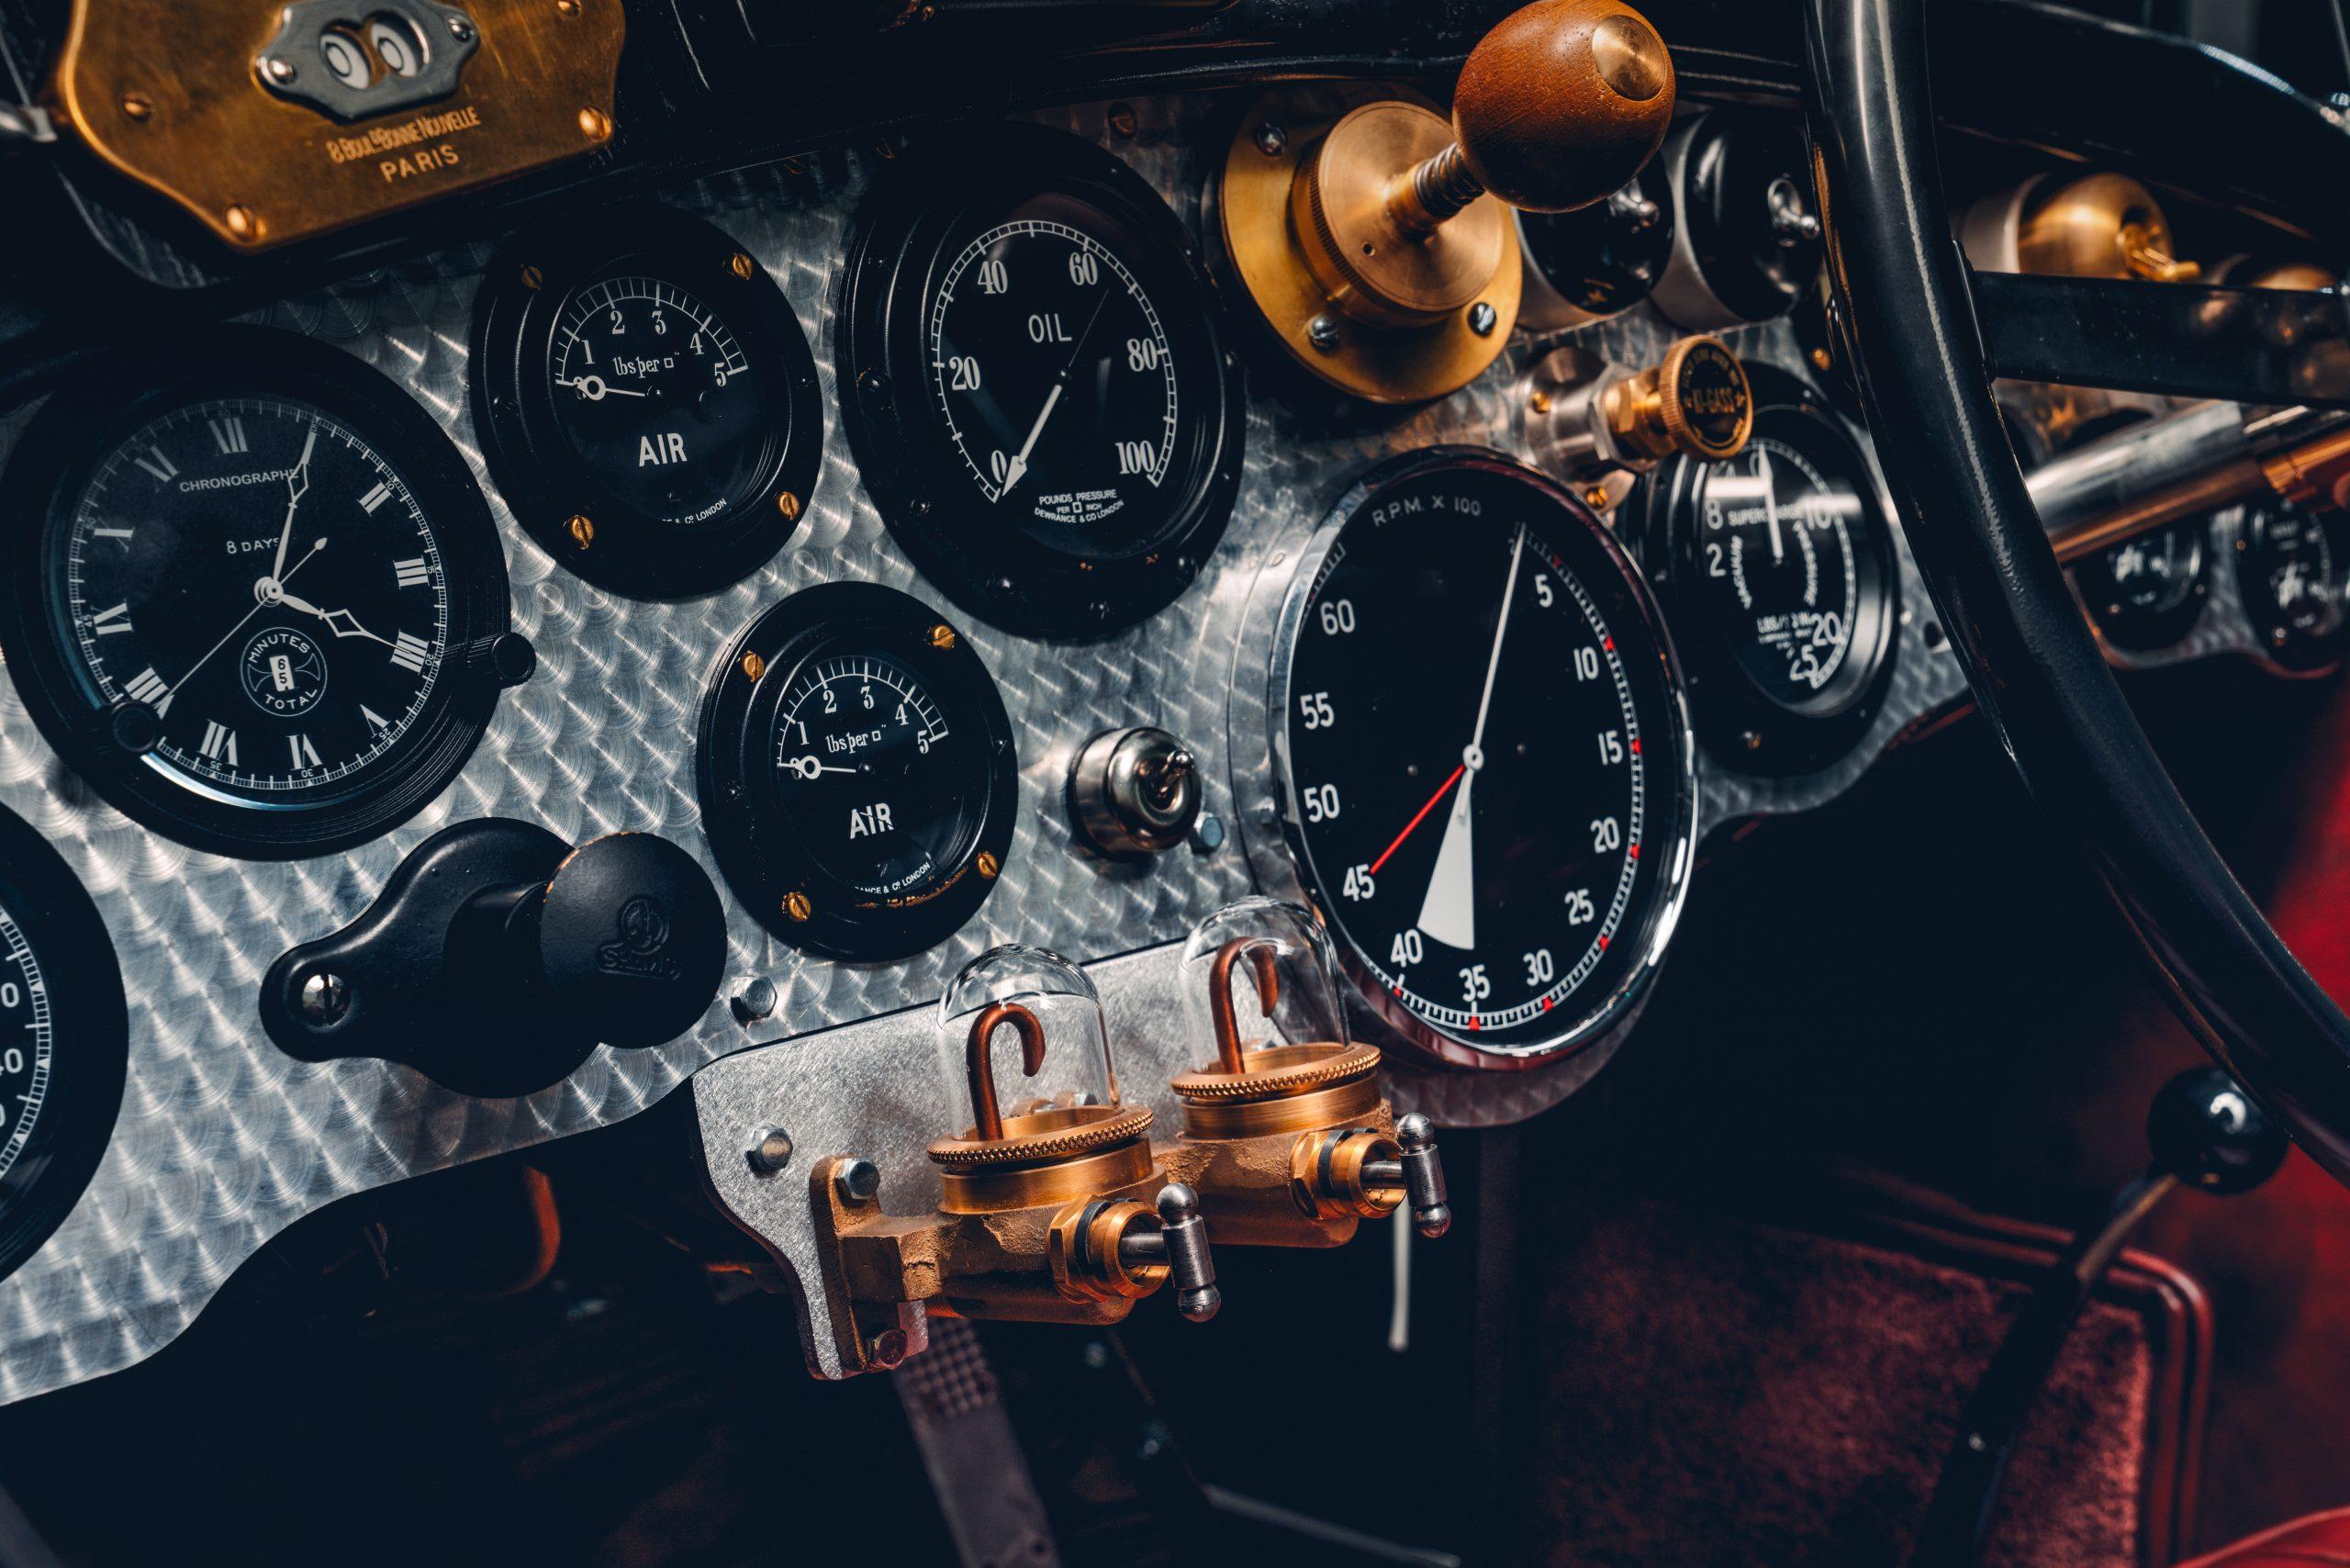 Bentley Blower Car Zero dash detail